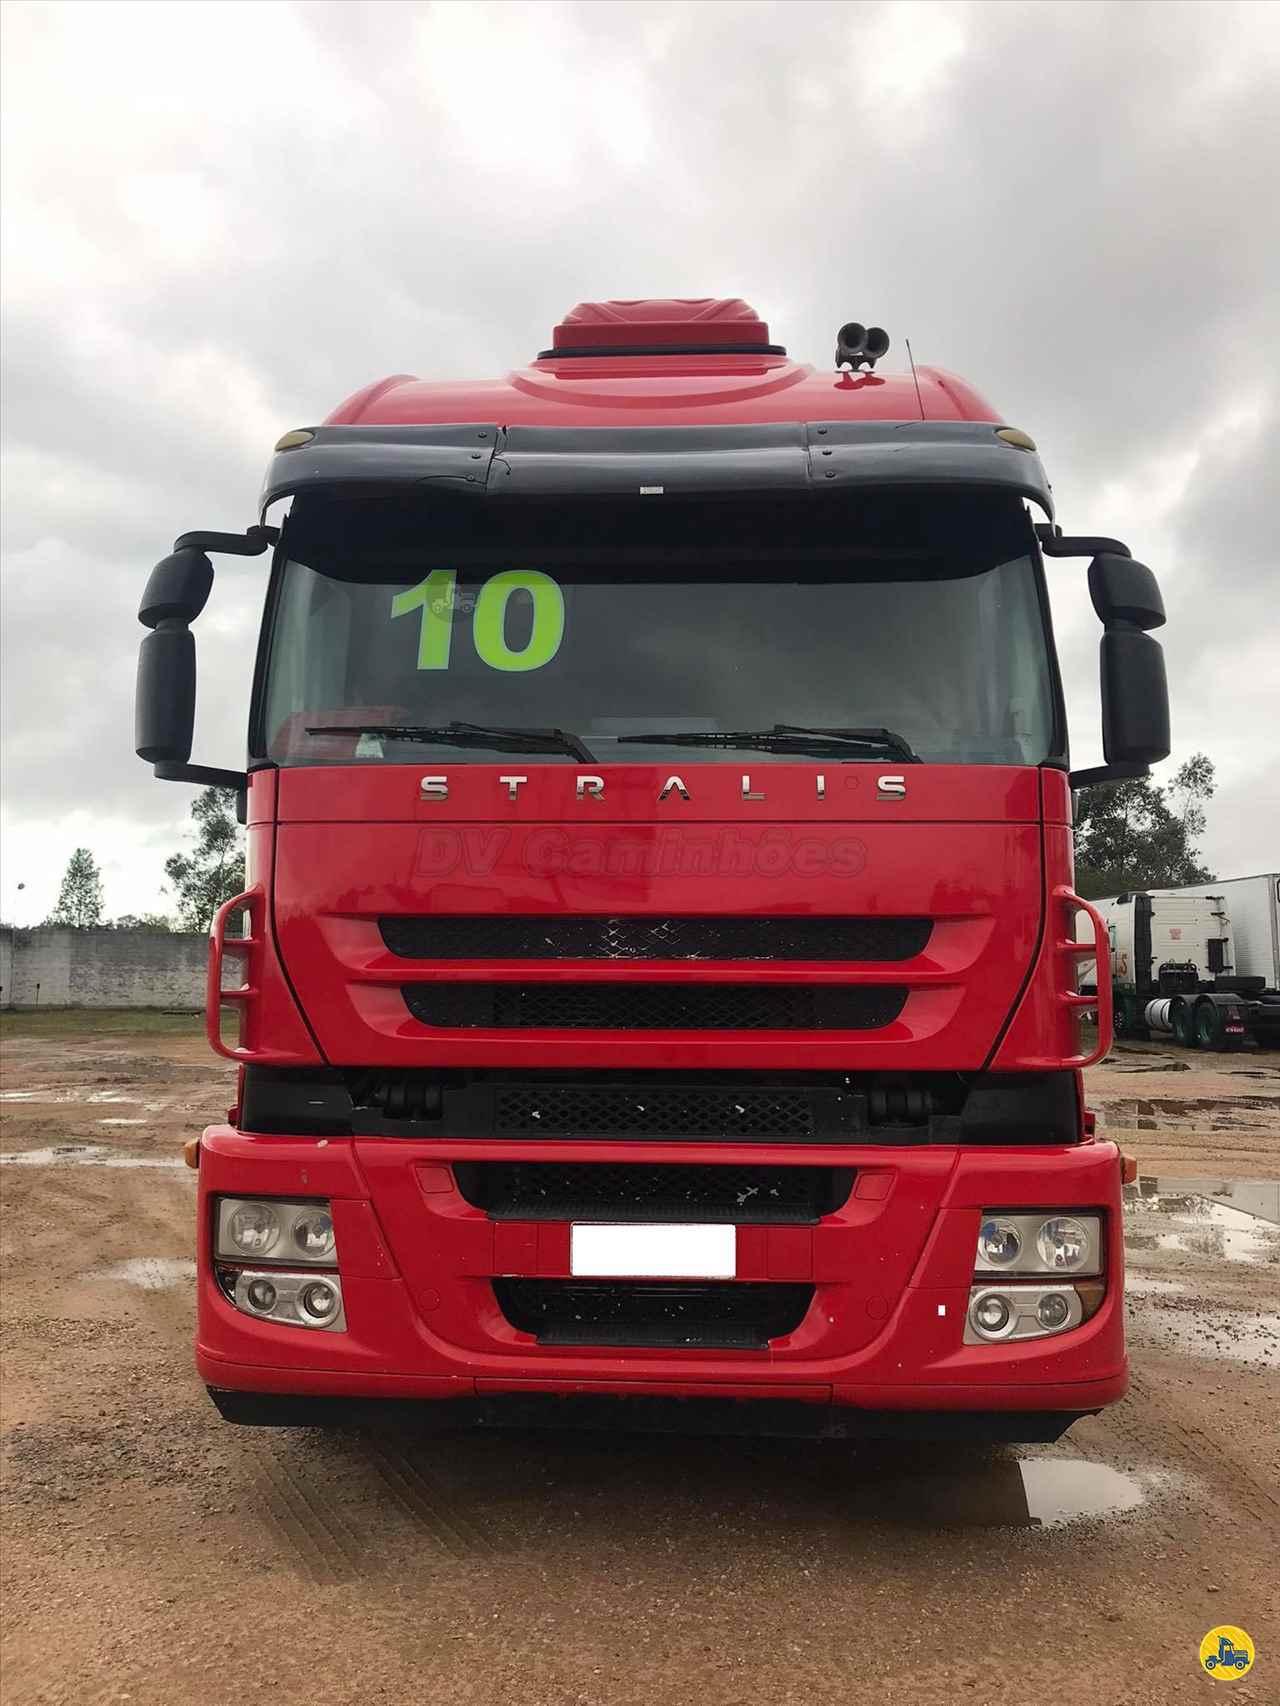 CAMINHAO IVECO STRALIS 460 Cavalo Mecânico Truck 6x2 DV Caminhões ICARA SANTA CATARINA SC